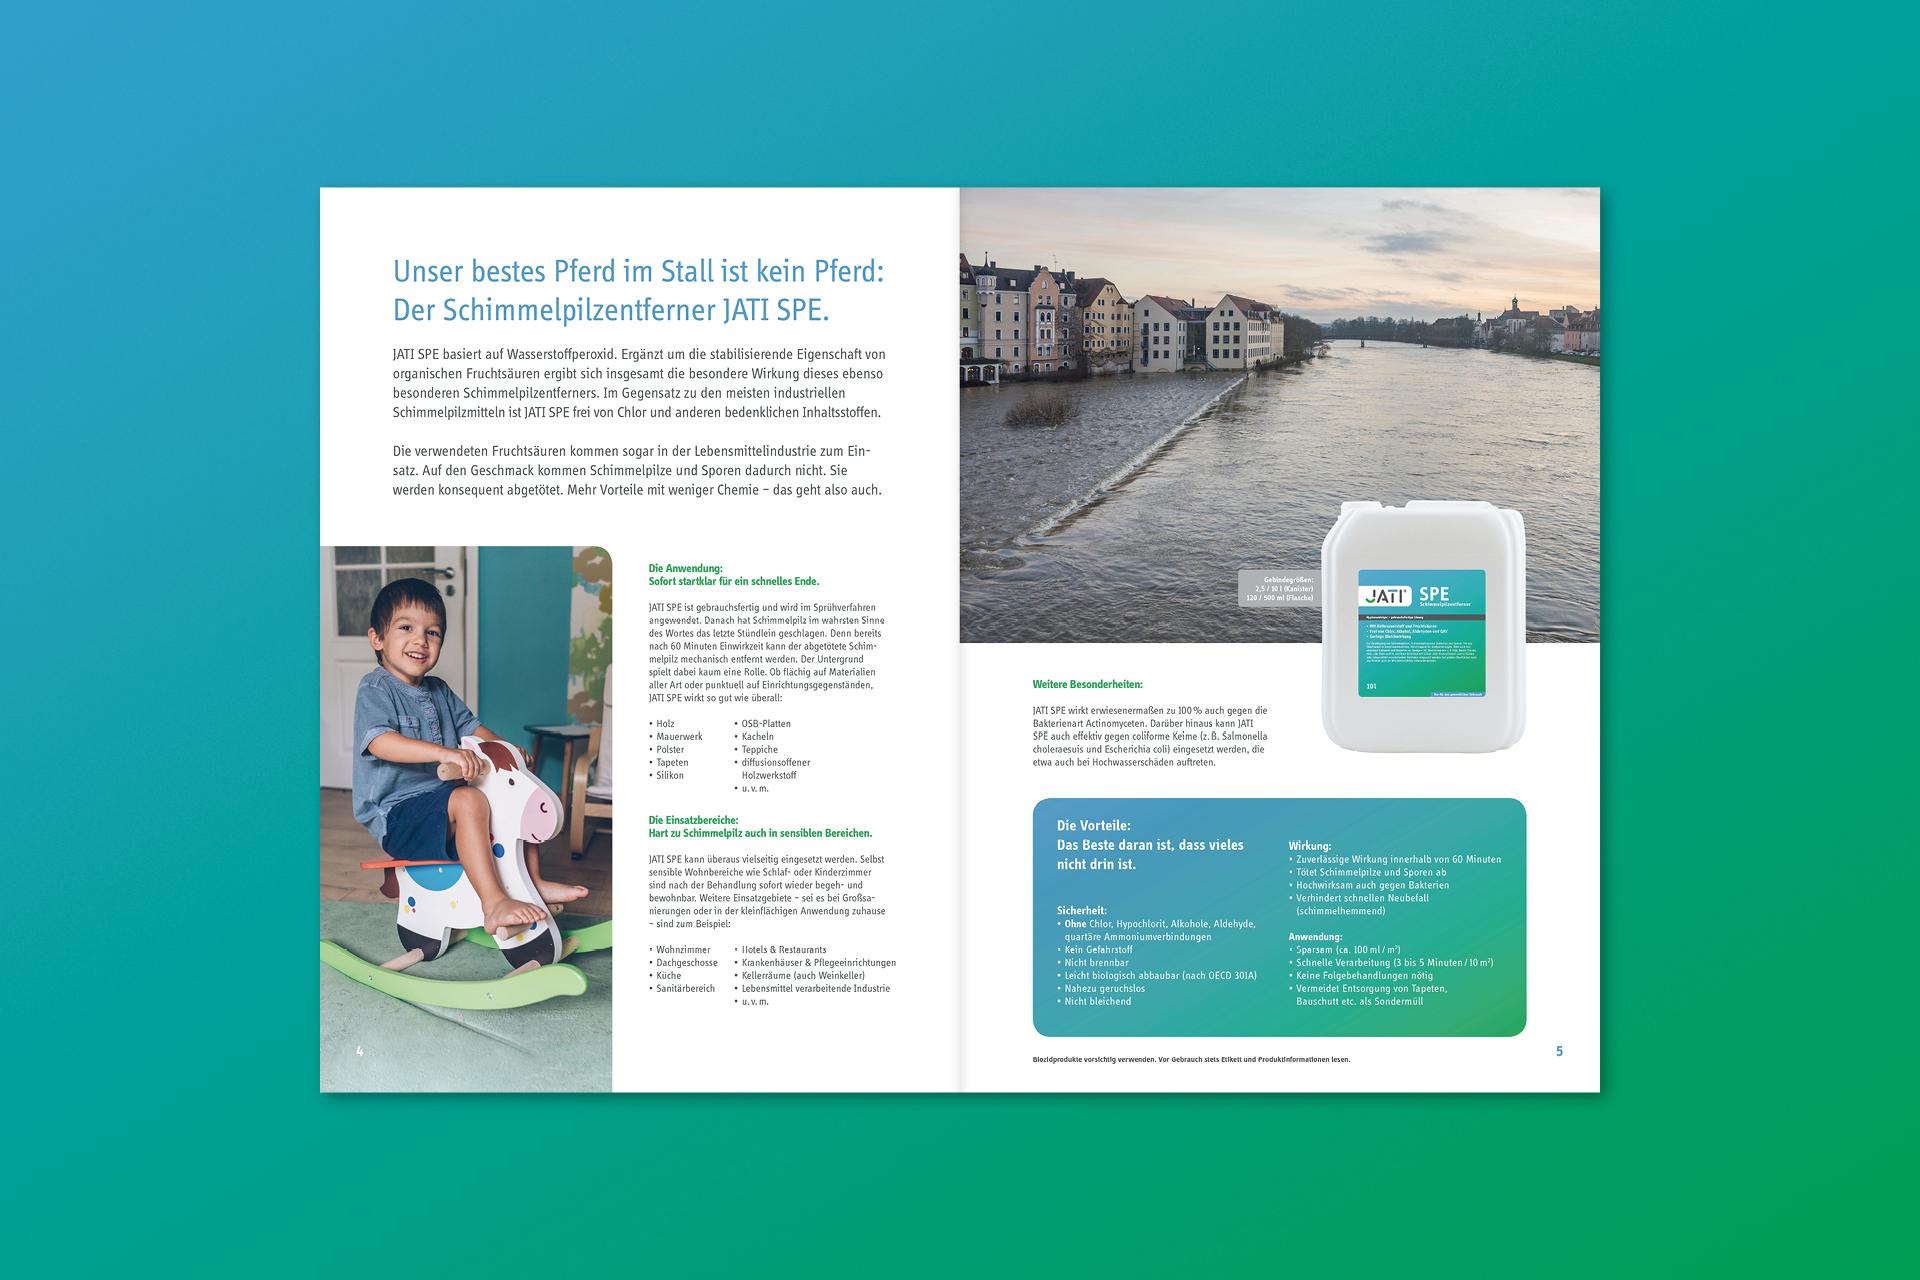 jati produktbroschuere 03 - Dem Schimmel sei Dank: Ein ganz frischer Markenauftritt für JATI – Corporate Design, Logoentwicklung, Grafikdesign